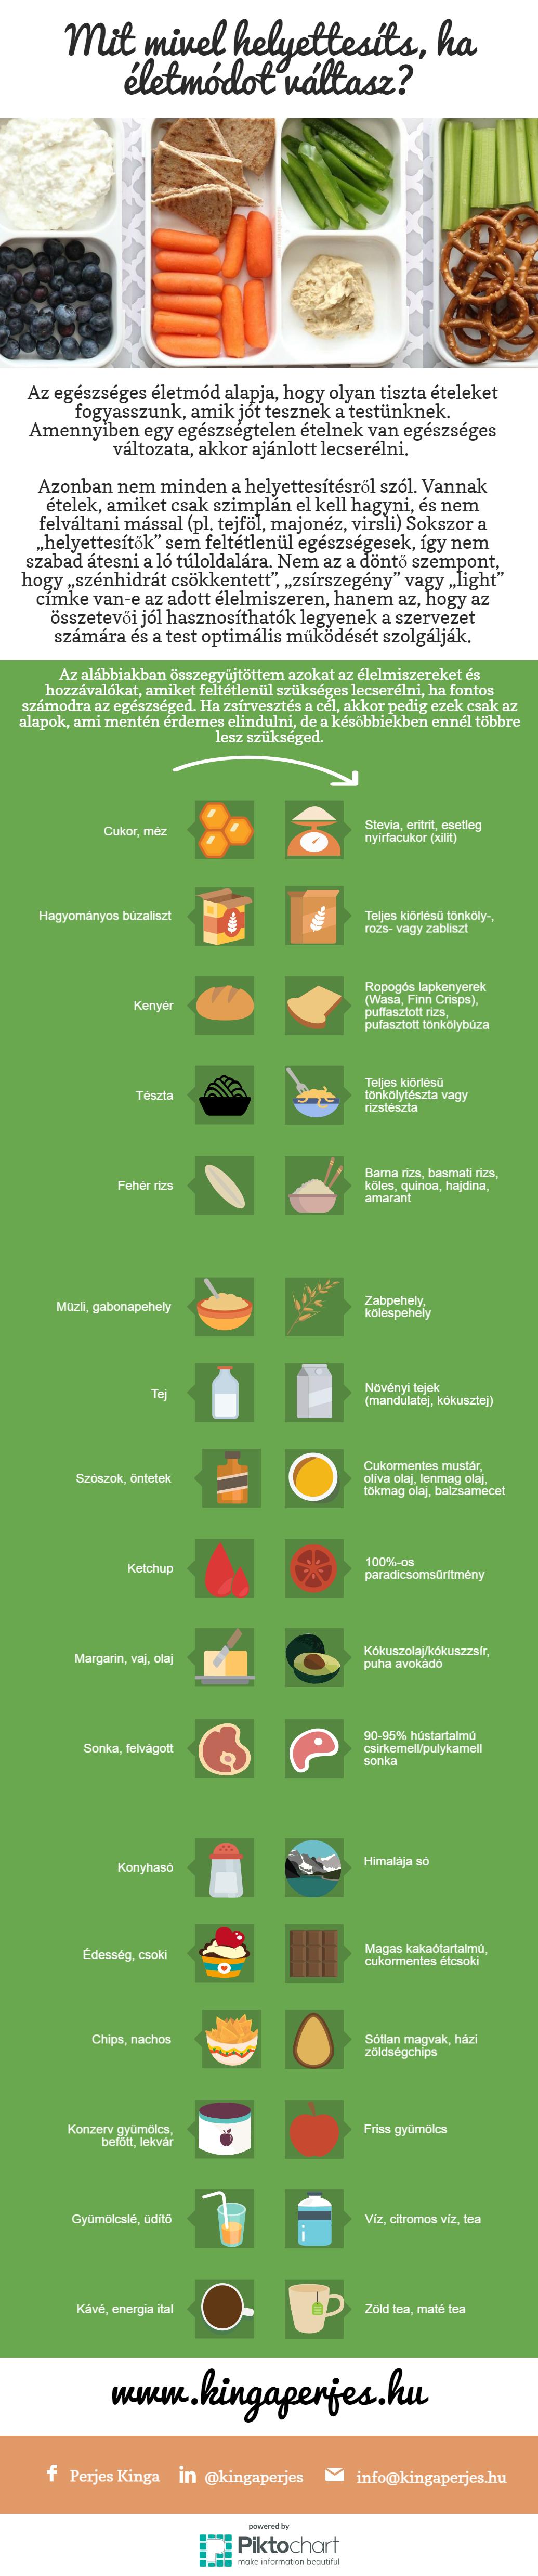 mit és mit nem szabad a zsírvesztés miatt)